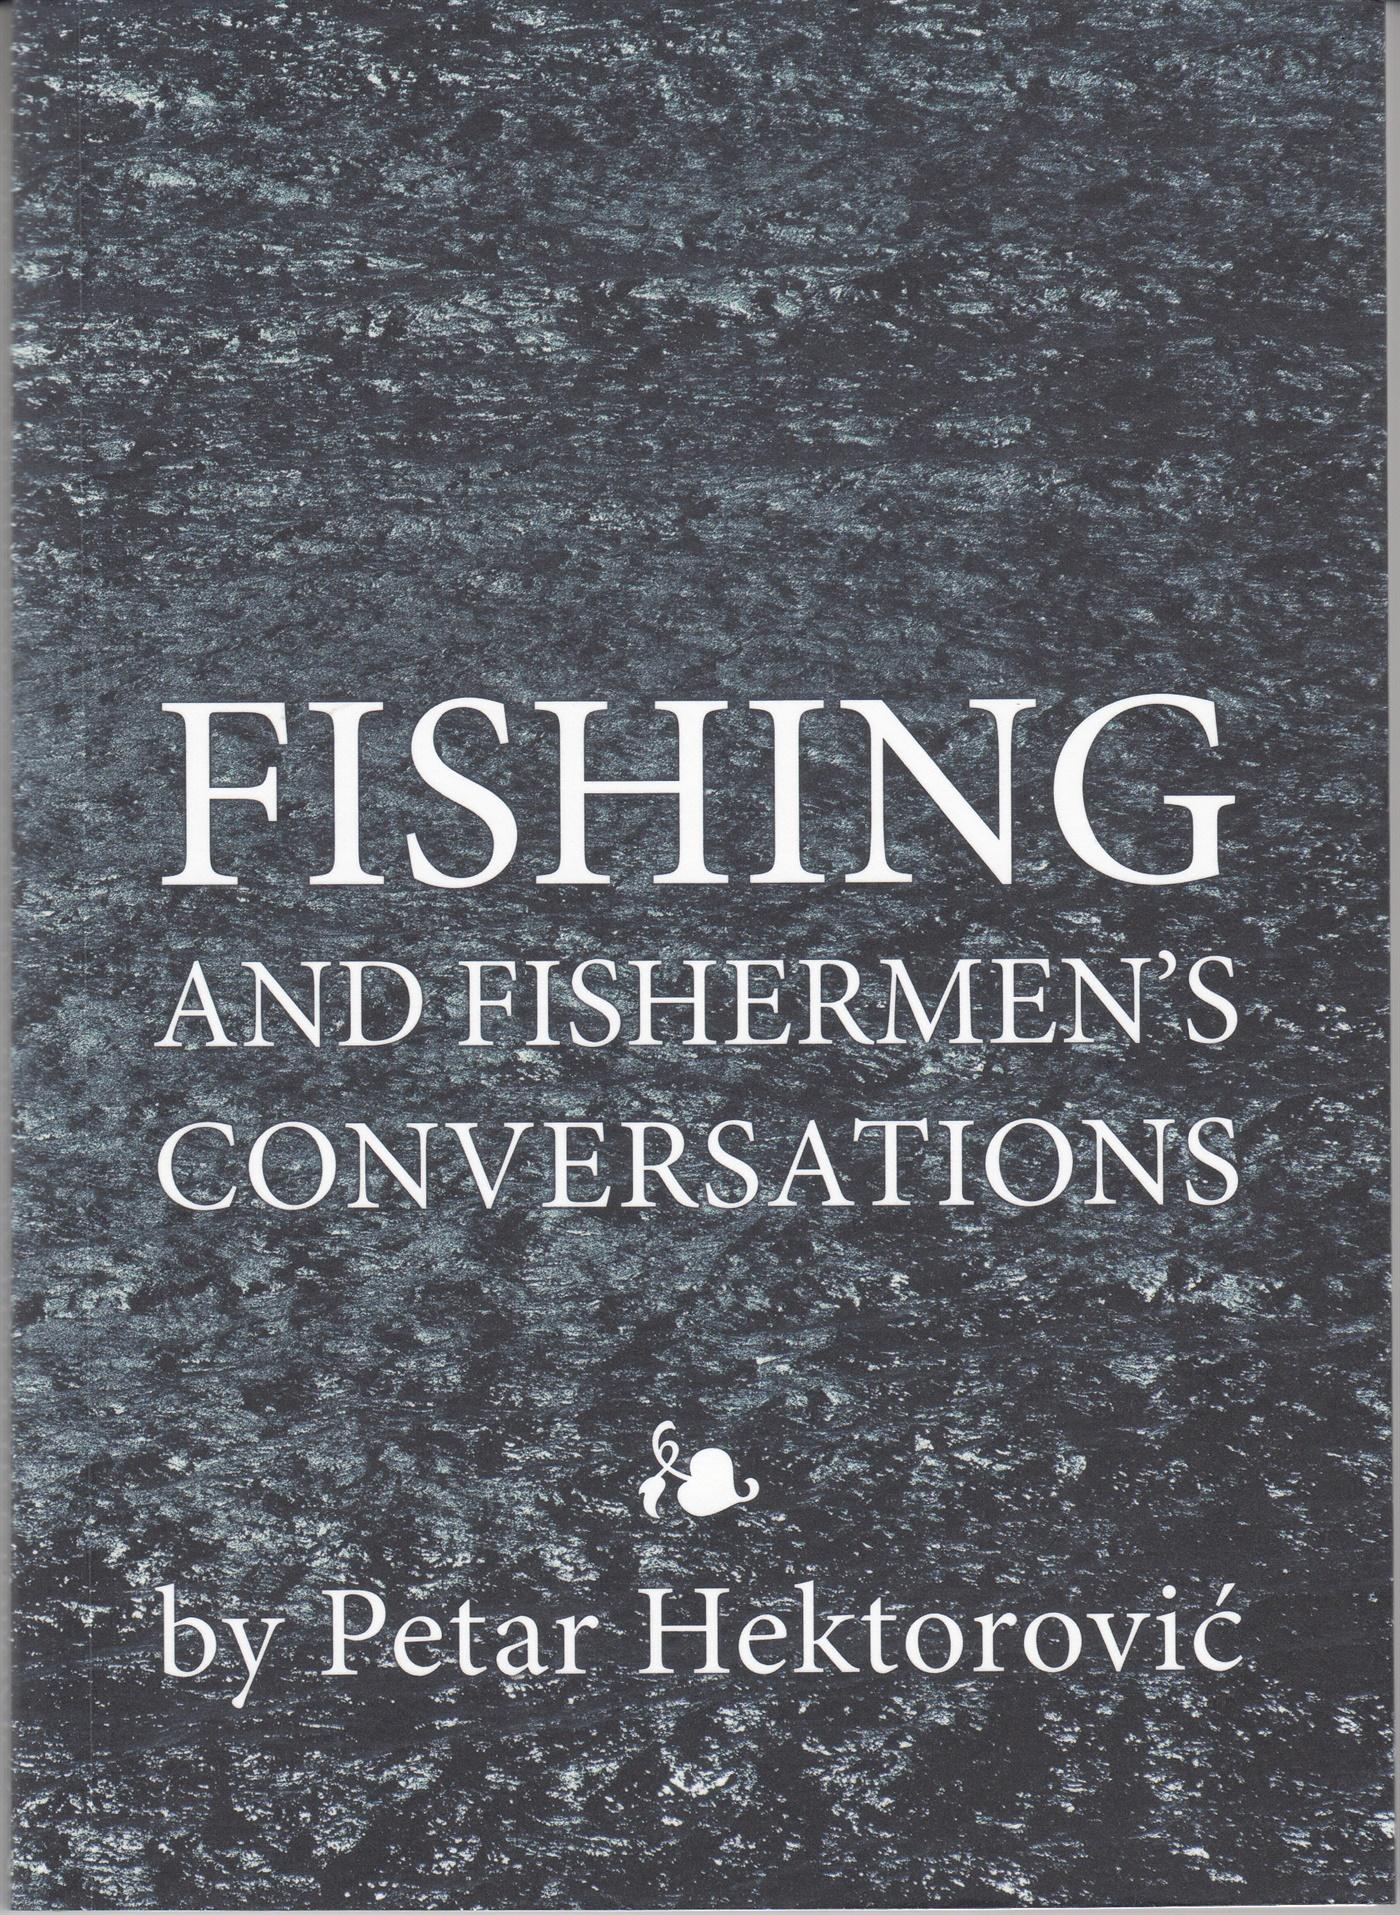 FISHING AND FISHERMEN'S CONVERSATION